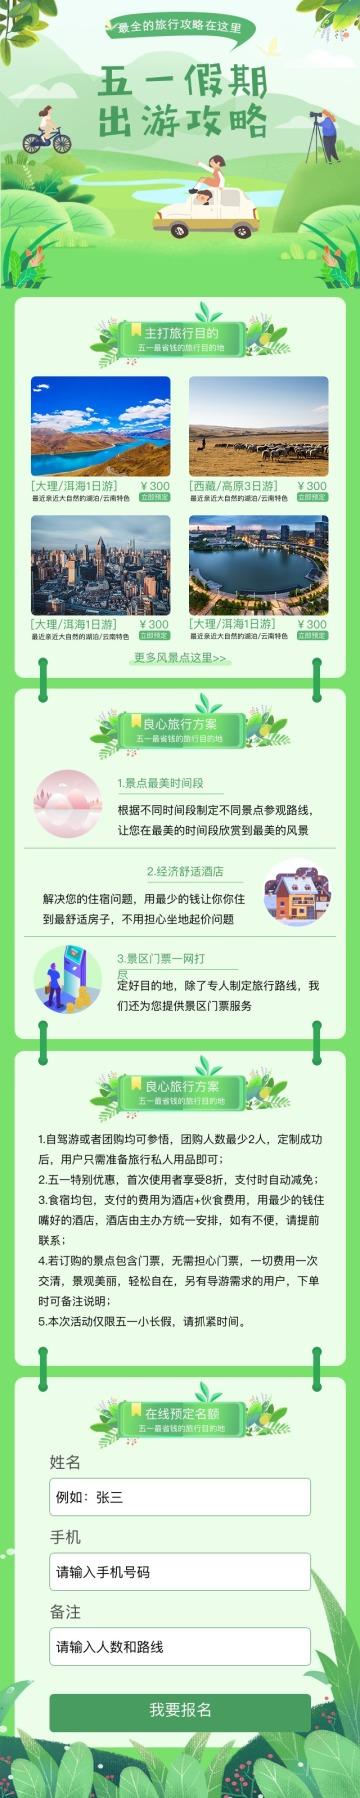 绿色简约清新五一旅游促销活动单页宣传推广